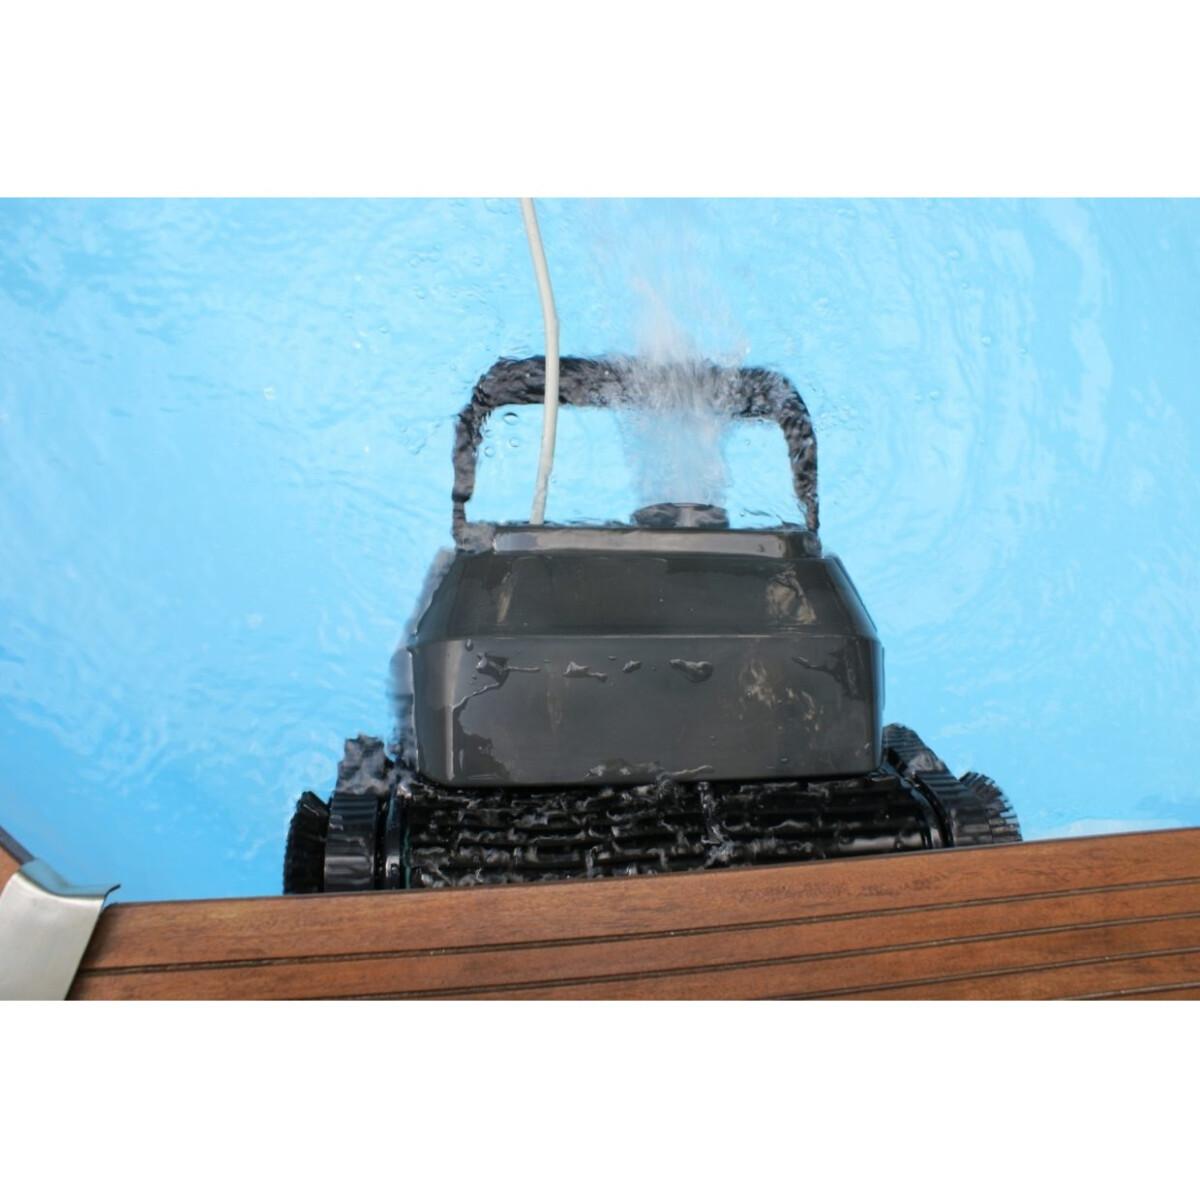 Робот-пылесоc AquaViva 7320 Black Pearl-6